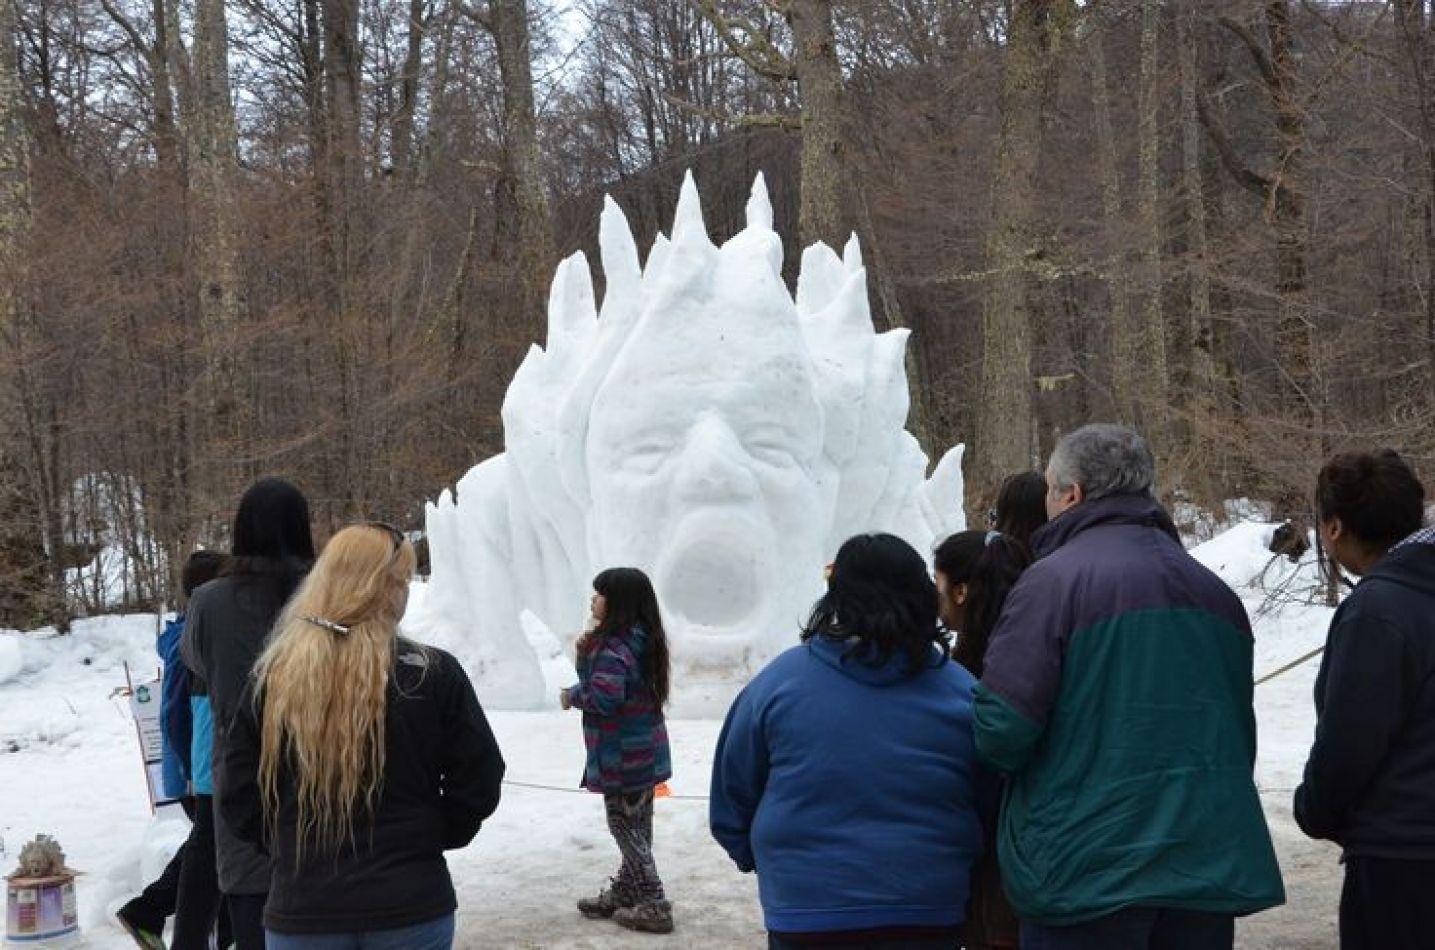 Volverán las esculturas de nieve al centro invernal.